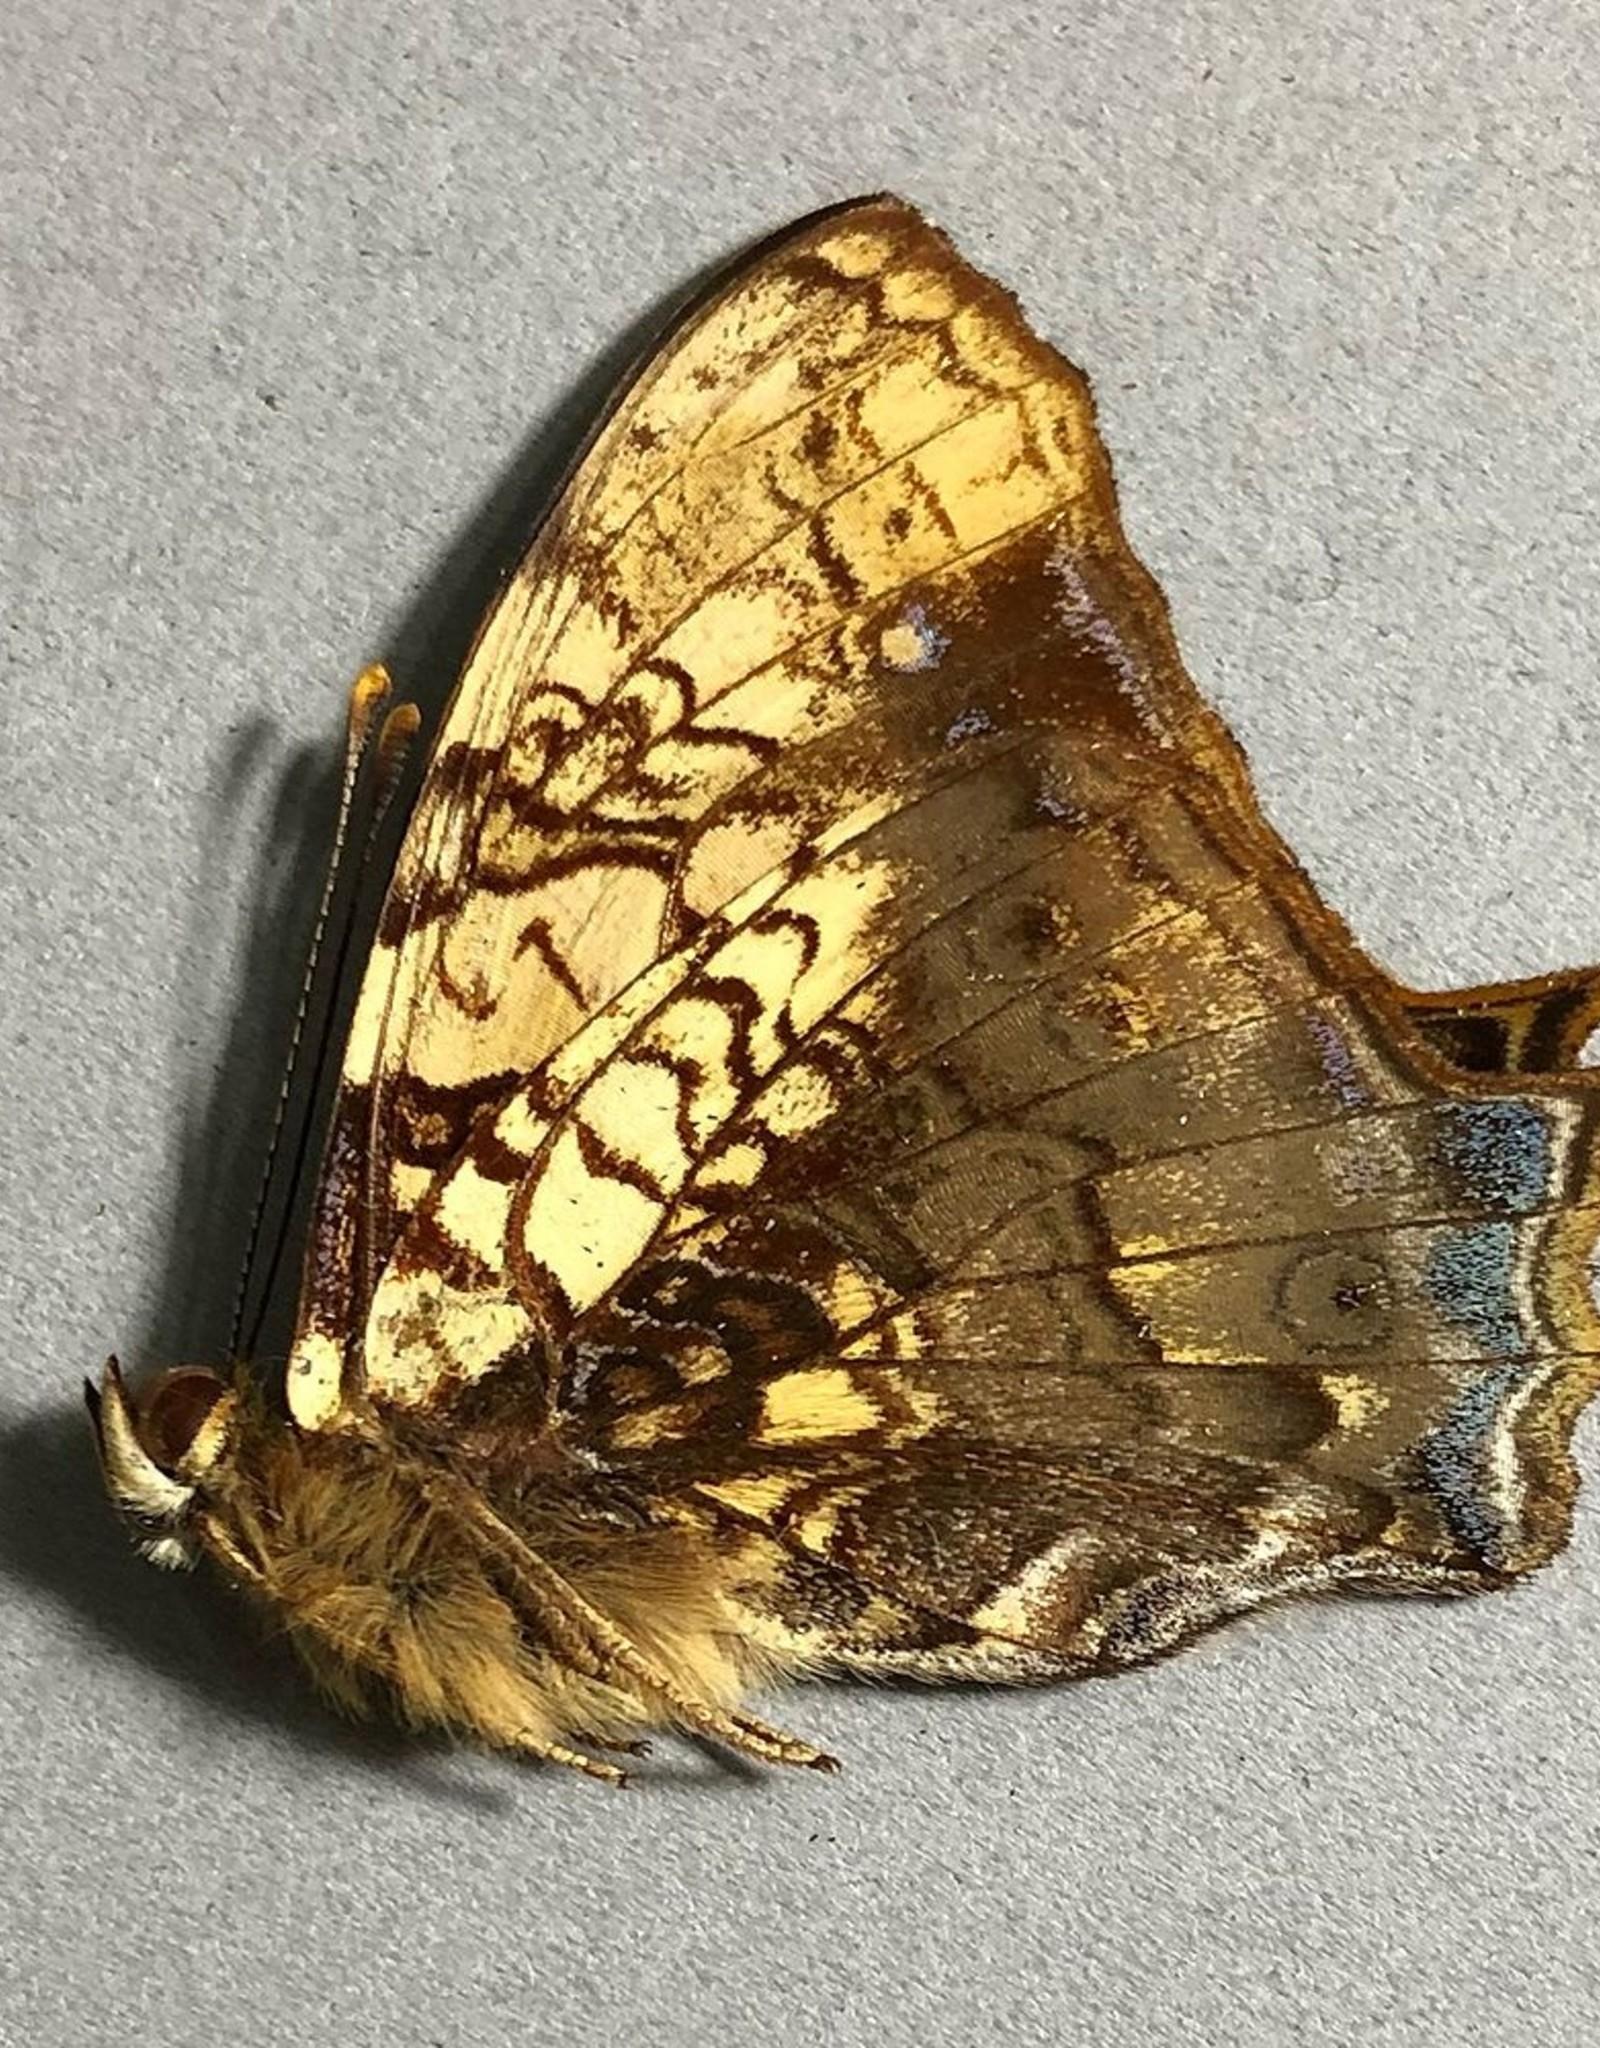 Hypanartia lethe lethe M A1 Peru